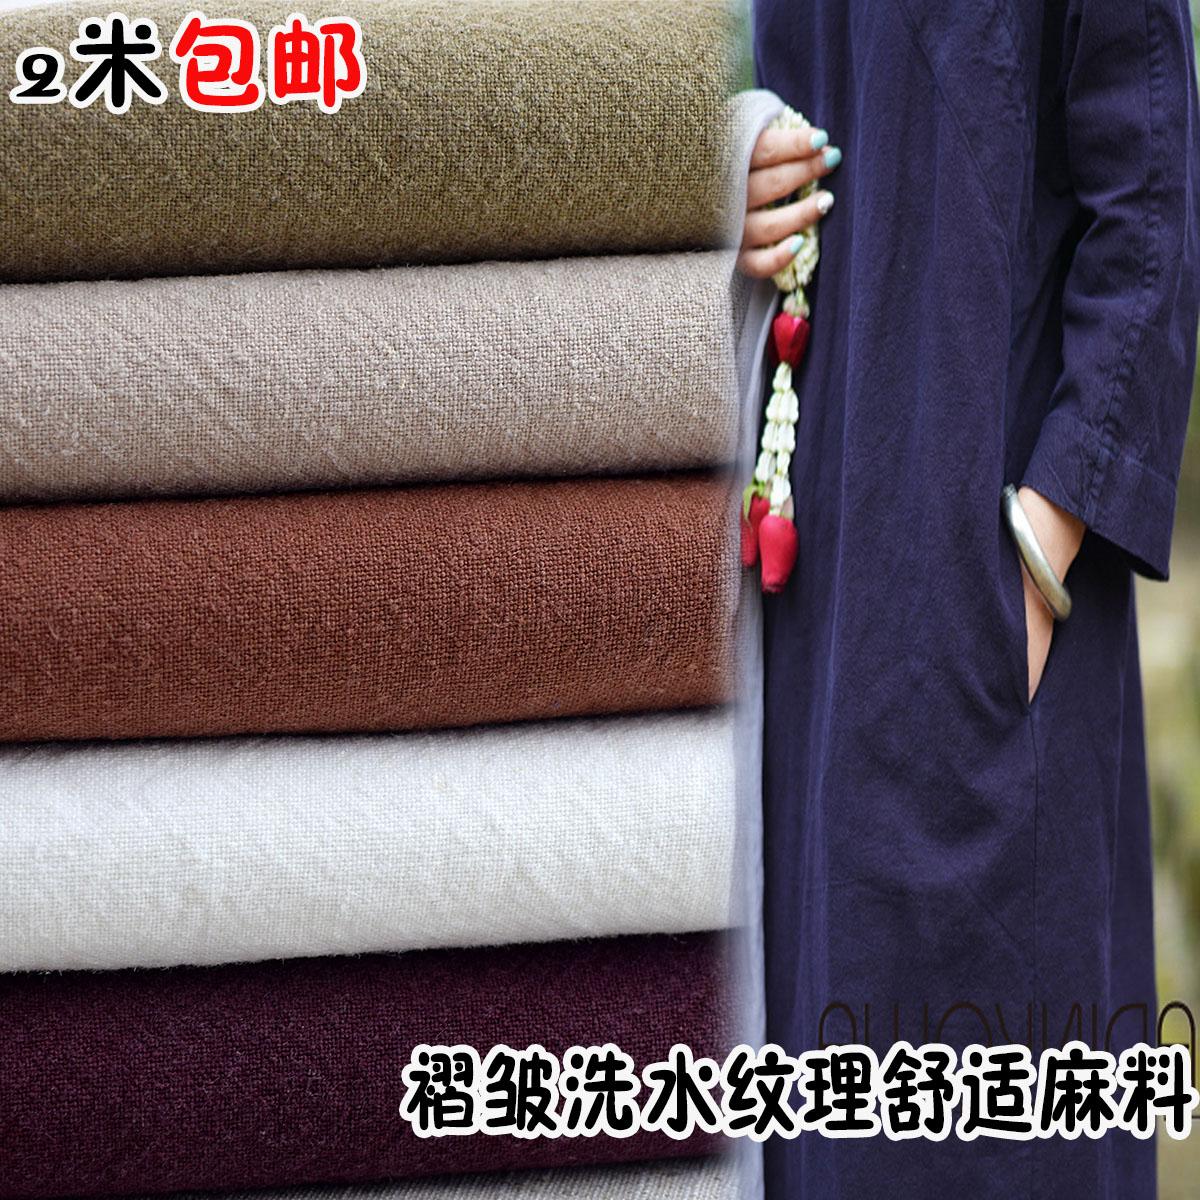 素色秋冬麻布 纯麻皱布纯色亚麻布棉麻料裤装服装布料 短裤面料